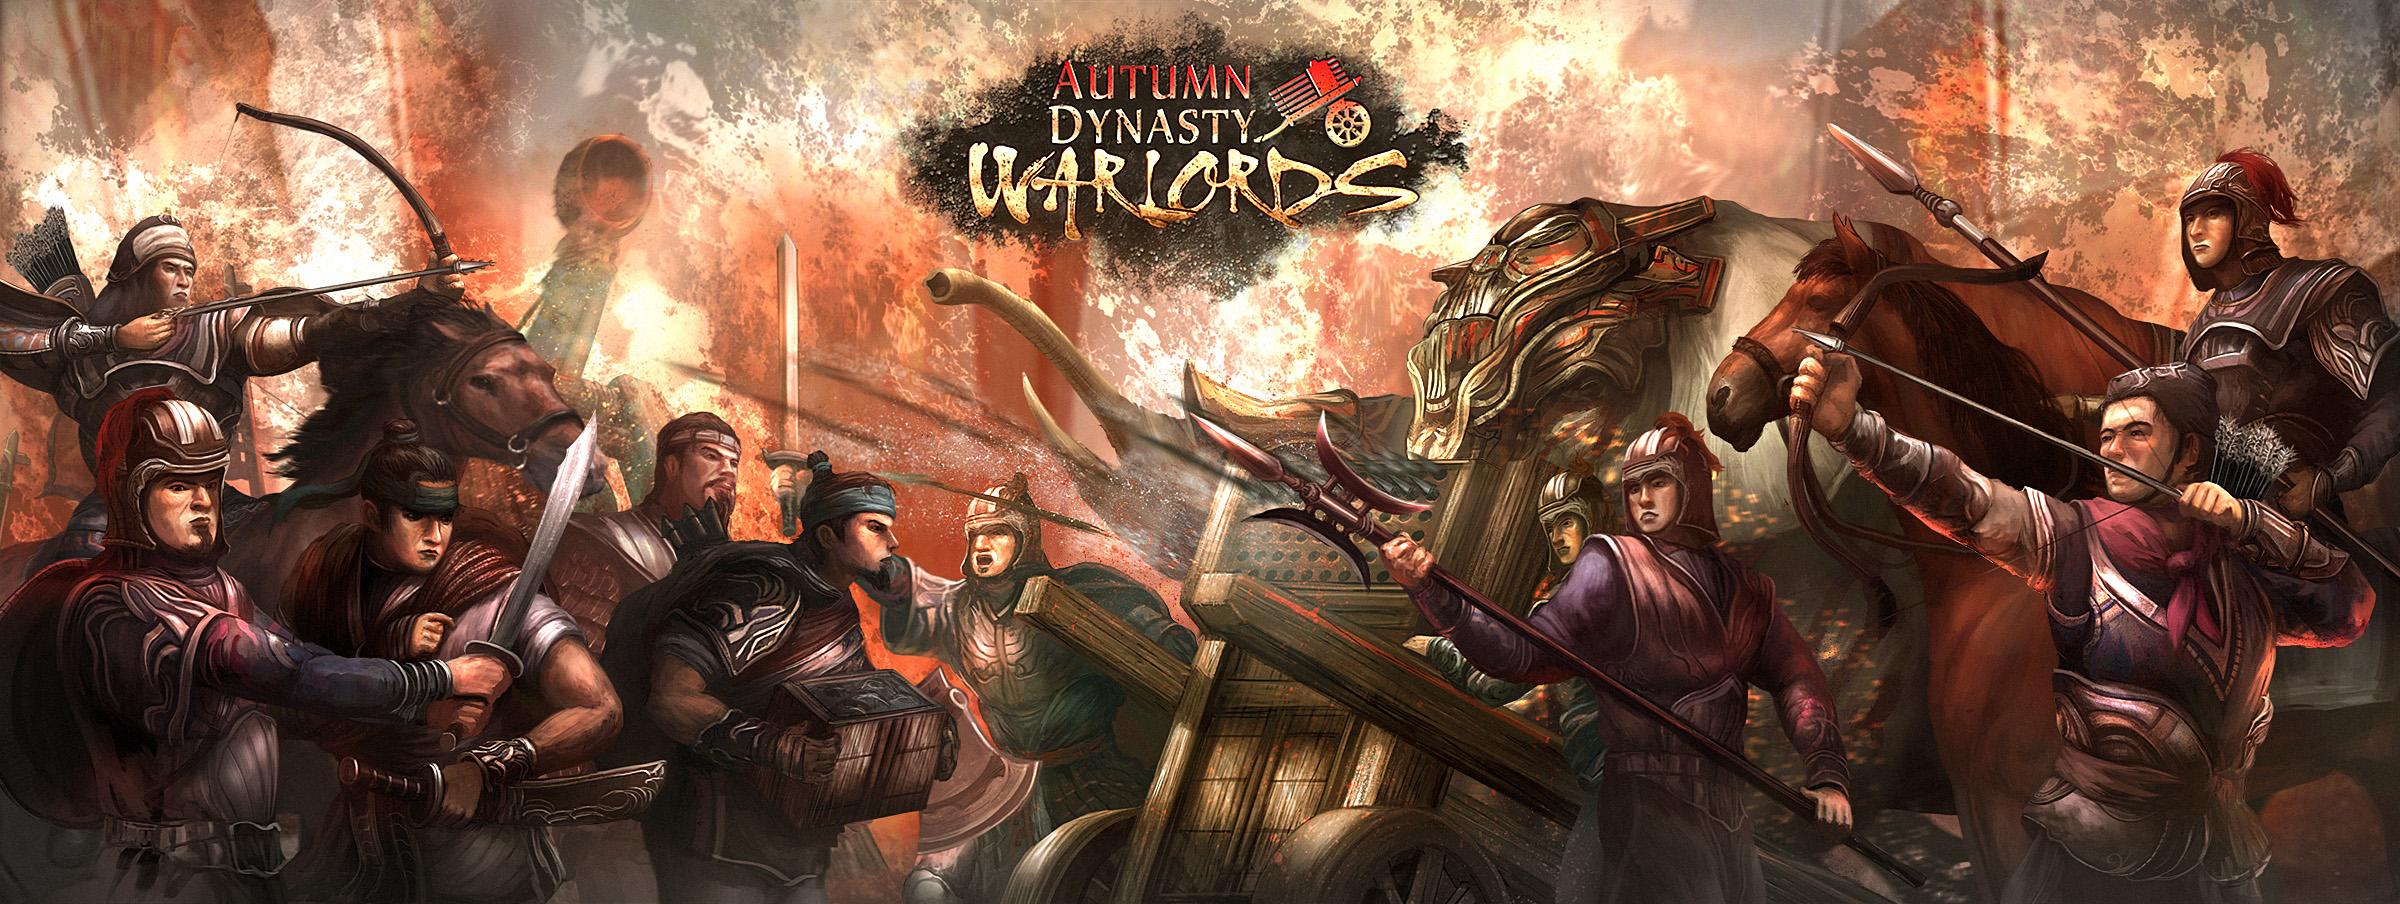 Autumn Dynasty Warlords - logo 1